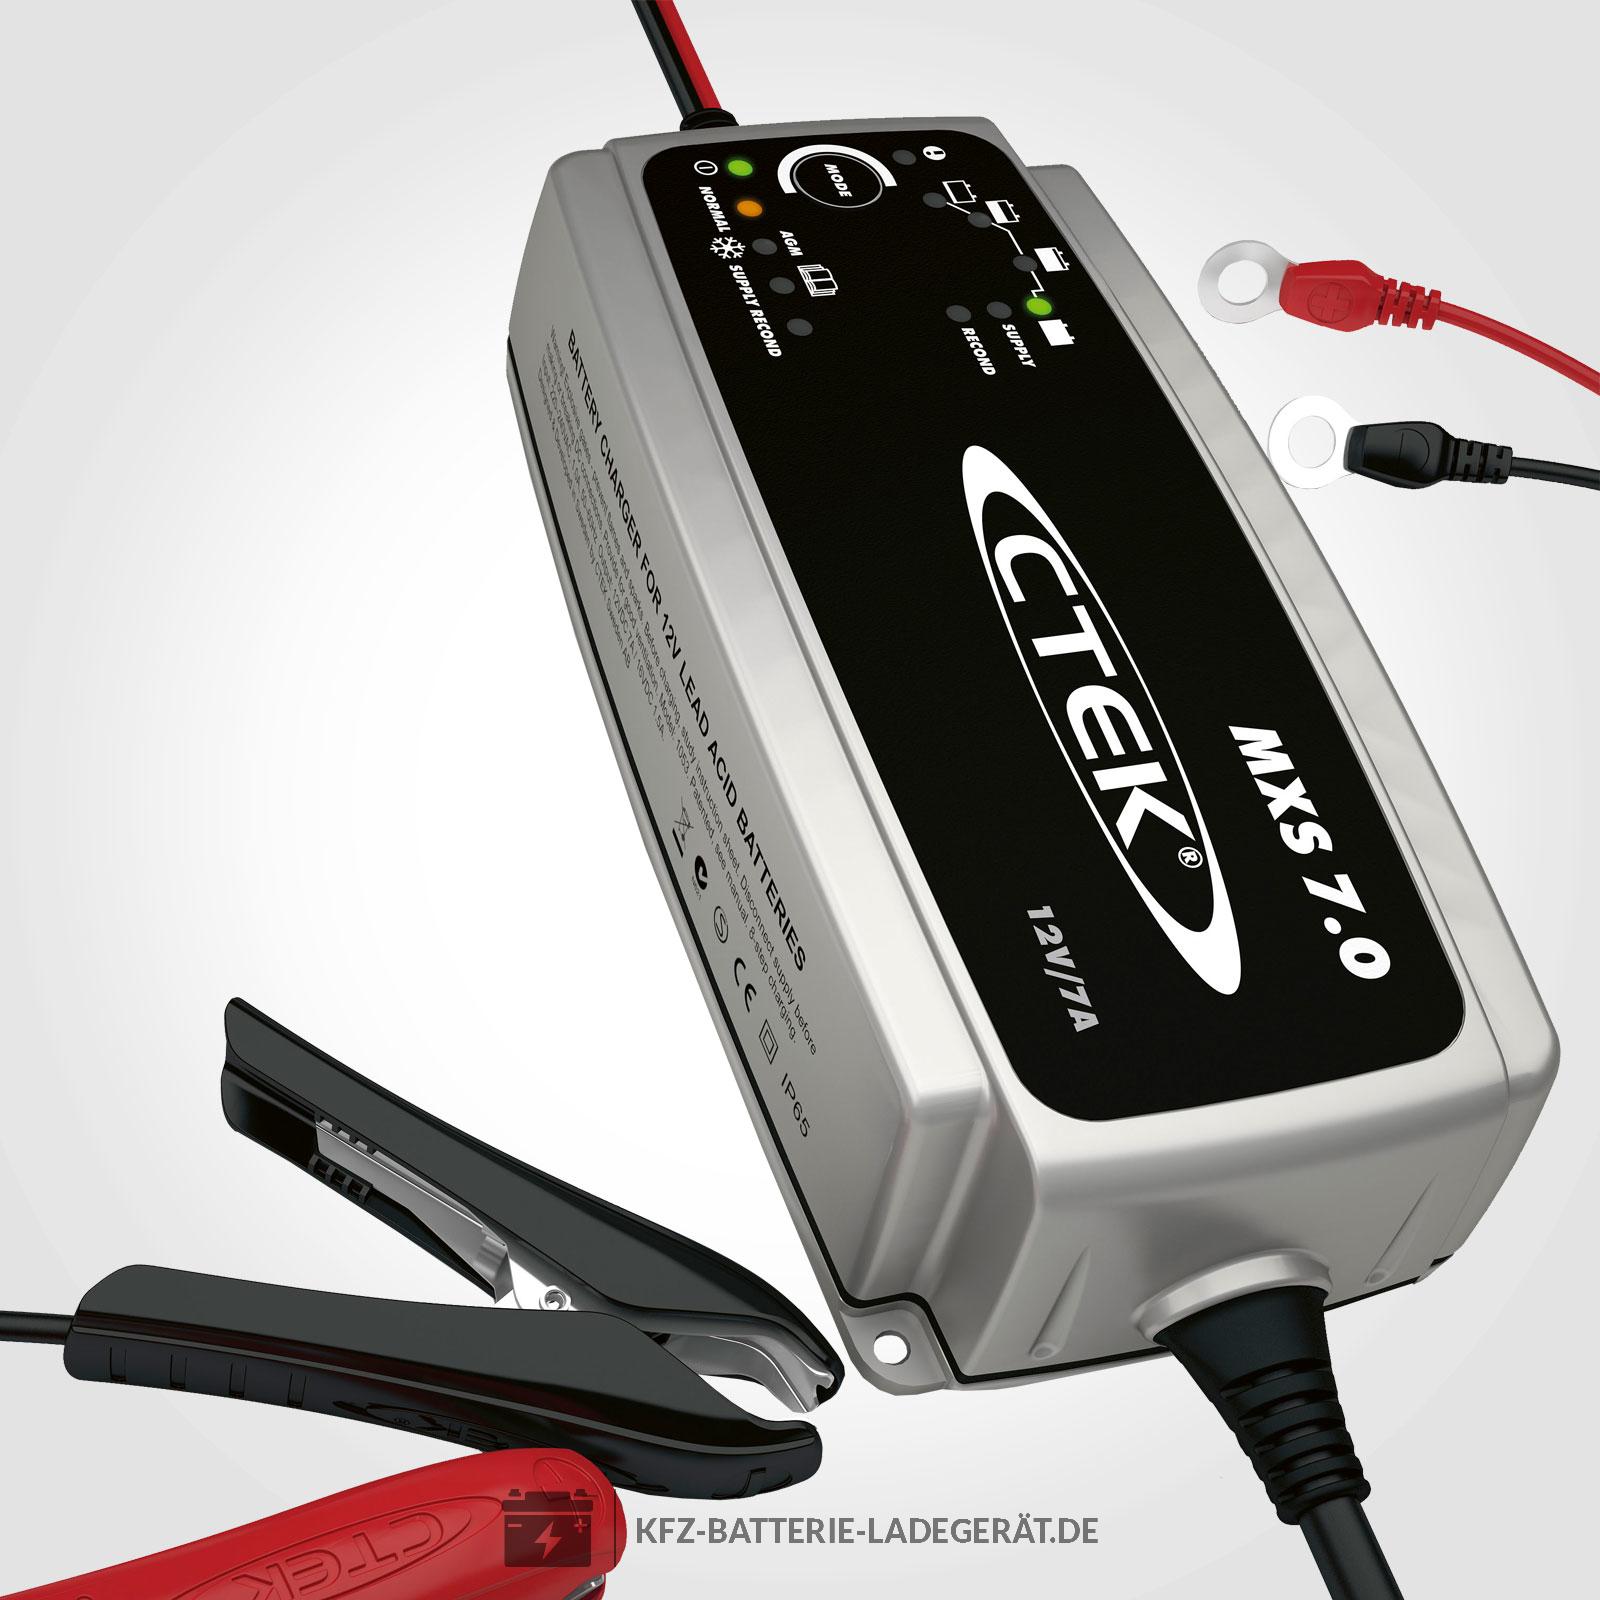 Ctek Mxs 70 Ladegerät Für 12v Batterien Ctek Batterie Ladegeräte